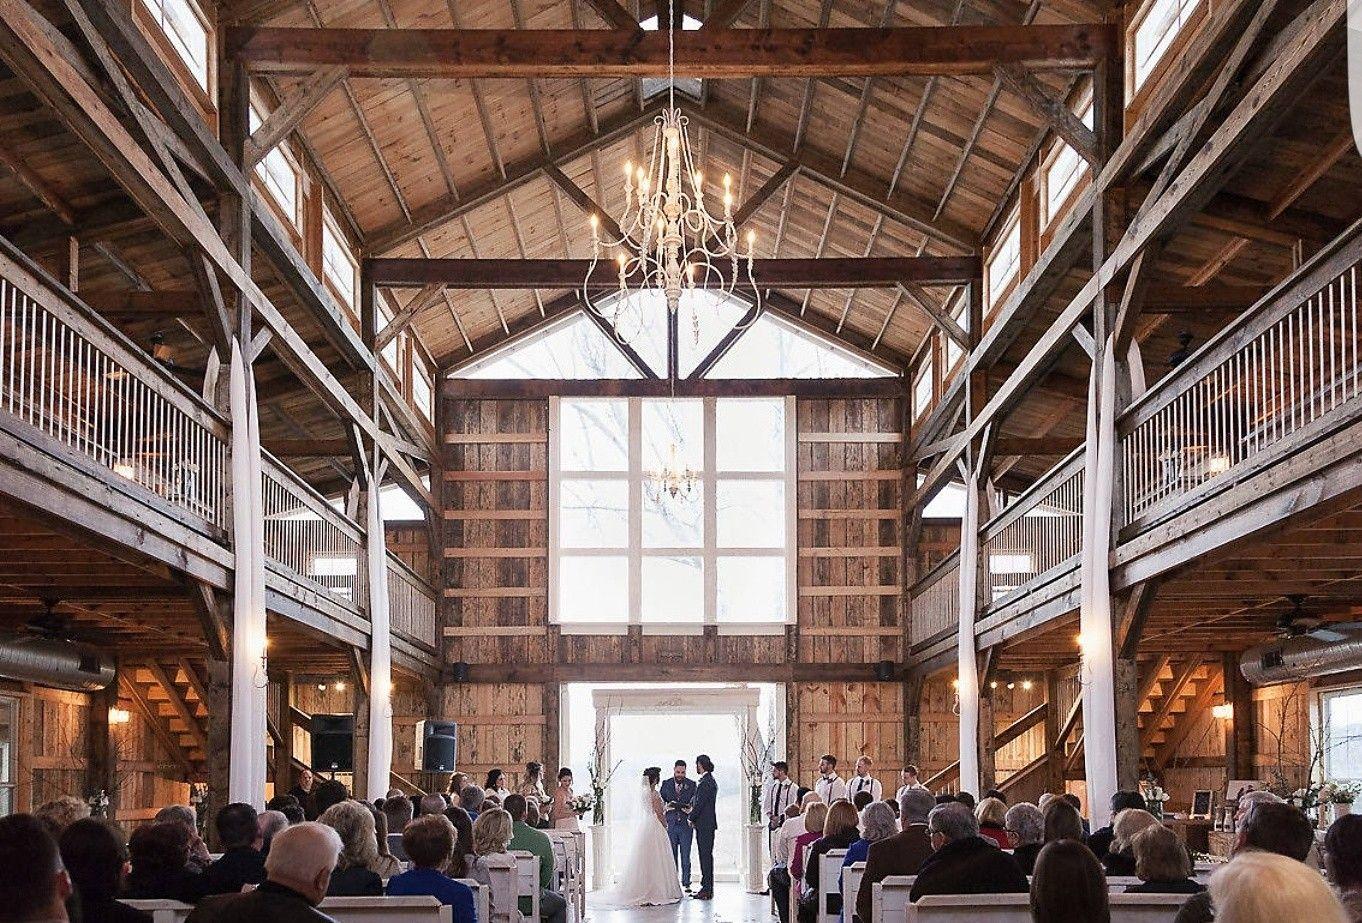 Arkansas Wedding Venue Barn Venue French Country Wedding Arkansas Wedding Heritage Acres Ve Arkansas Wedding French Country Wedding Arkansas Wedding Venues